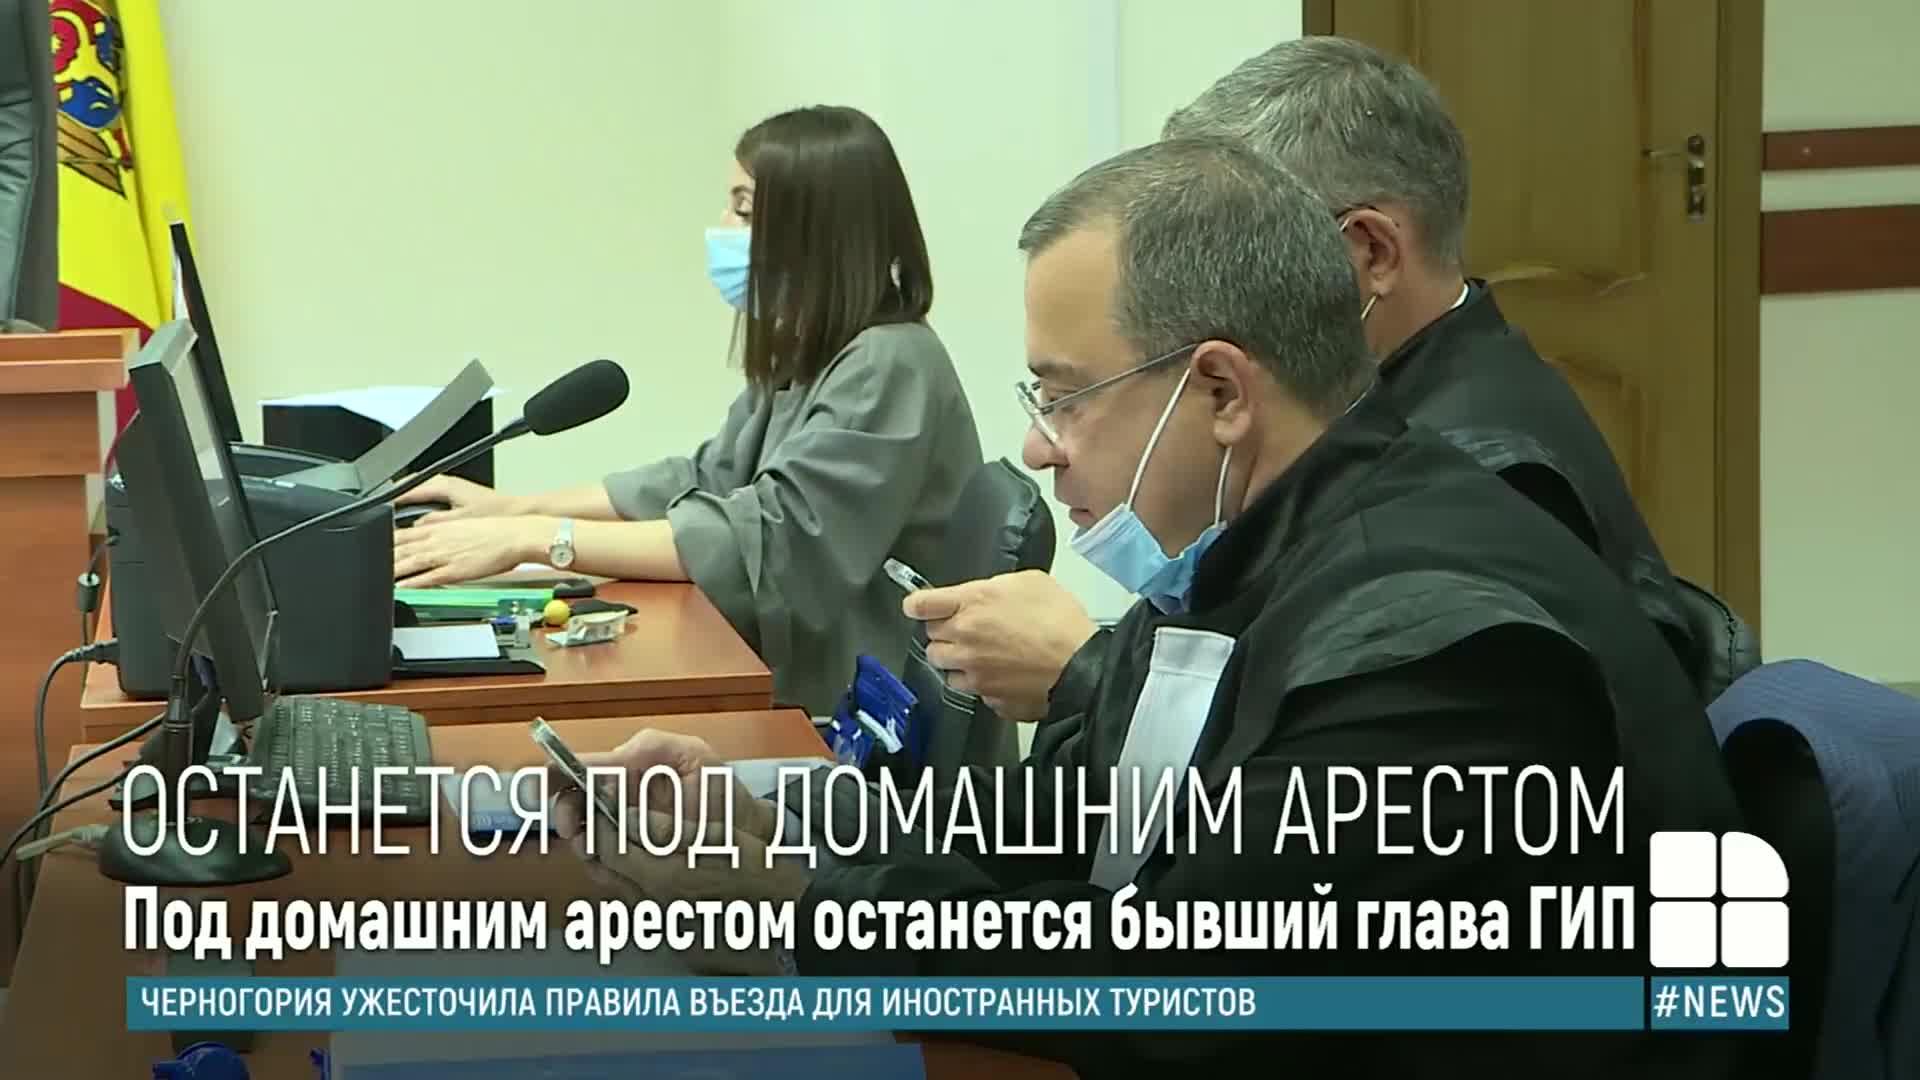 Александр Пынзарь остаётся под домашним арестом: